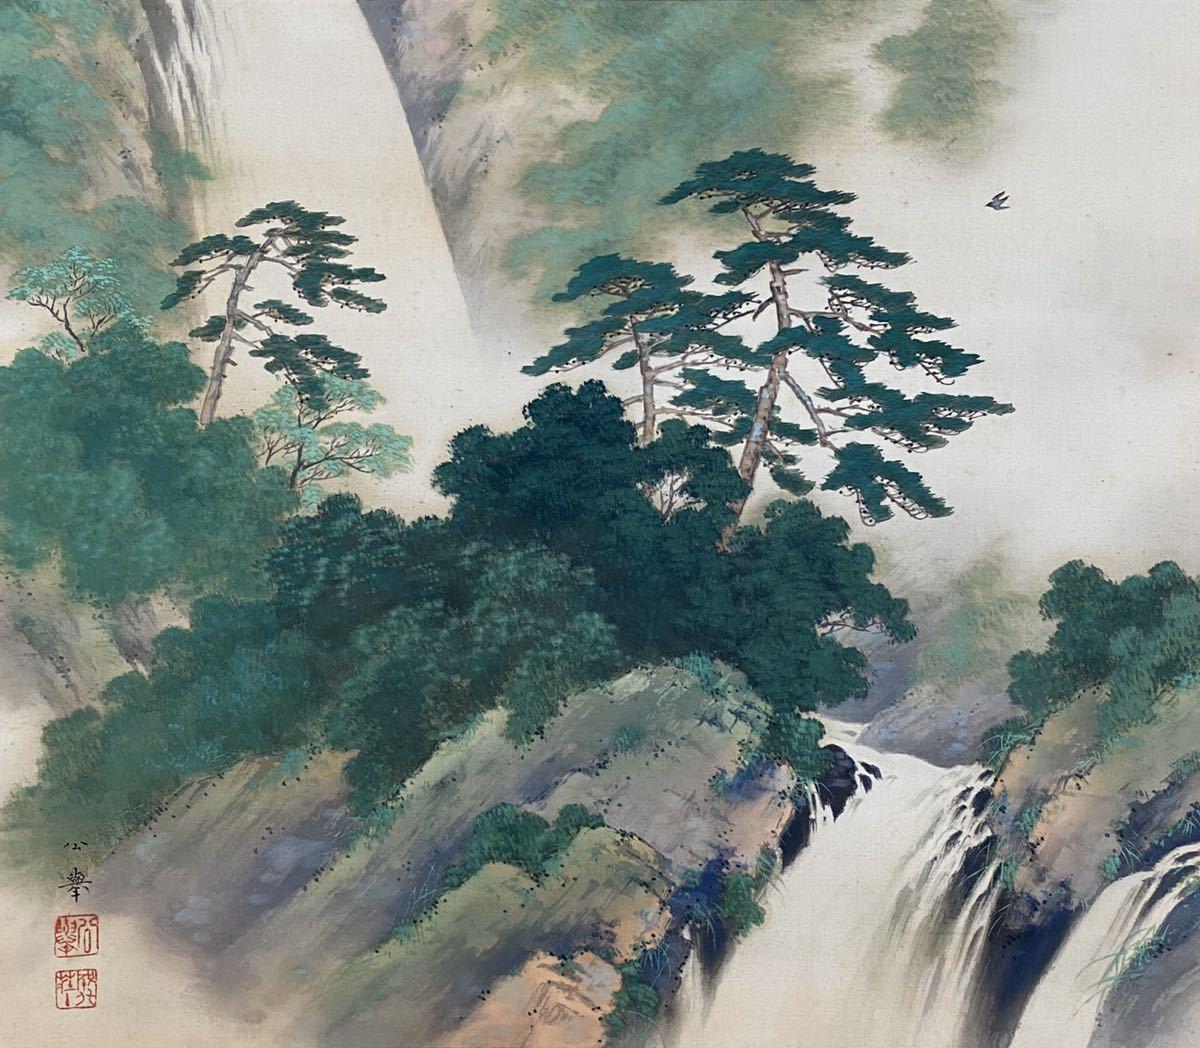 【筍】公擧 森 公挙 「渓山深緑図」掛軸 紙本 肉筆 日本画 共箱_画像1